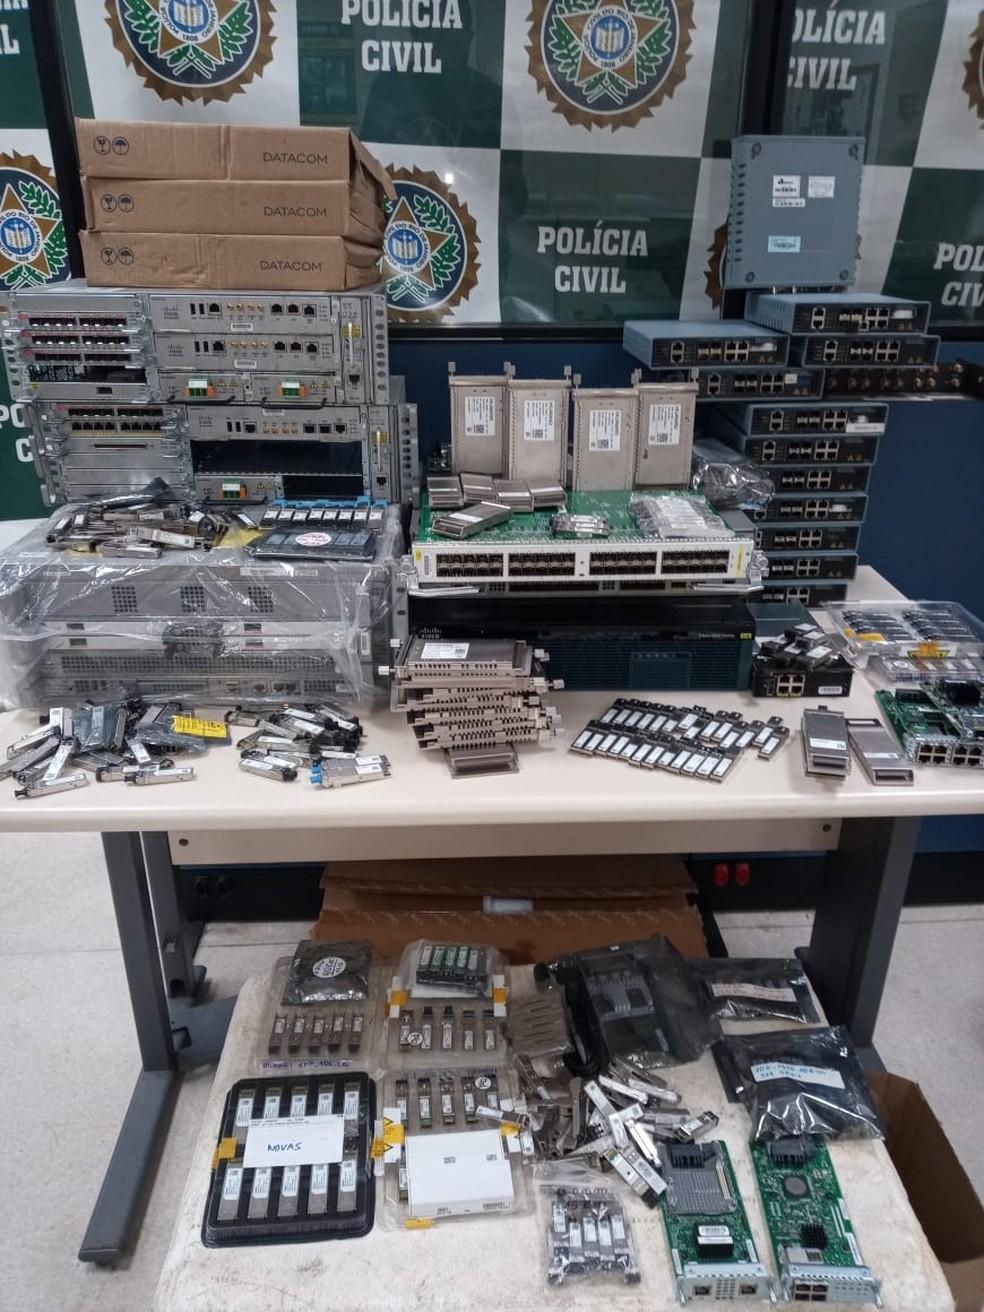 Uma empresa de Teresópolis suspeita de vender mais de R$ 500 mil em equipamentos furtados é alvo da polícia no RJ